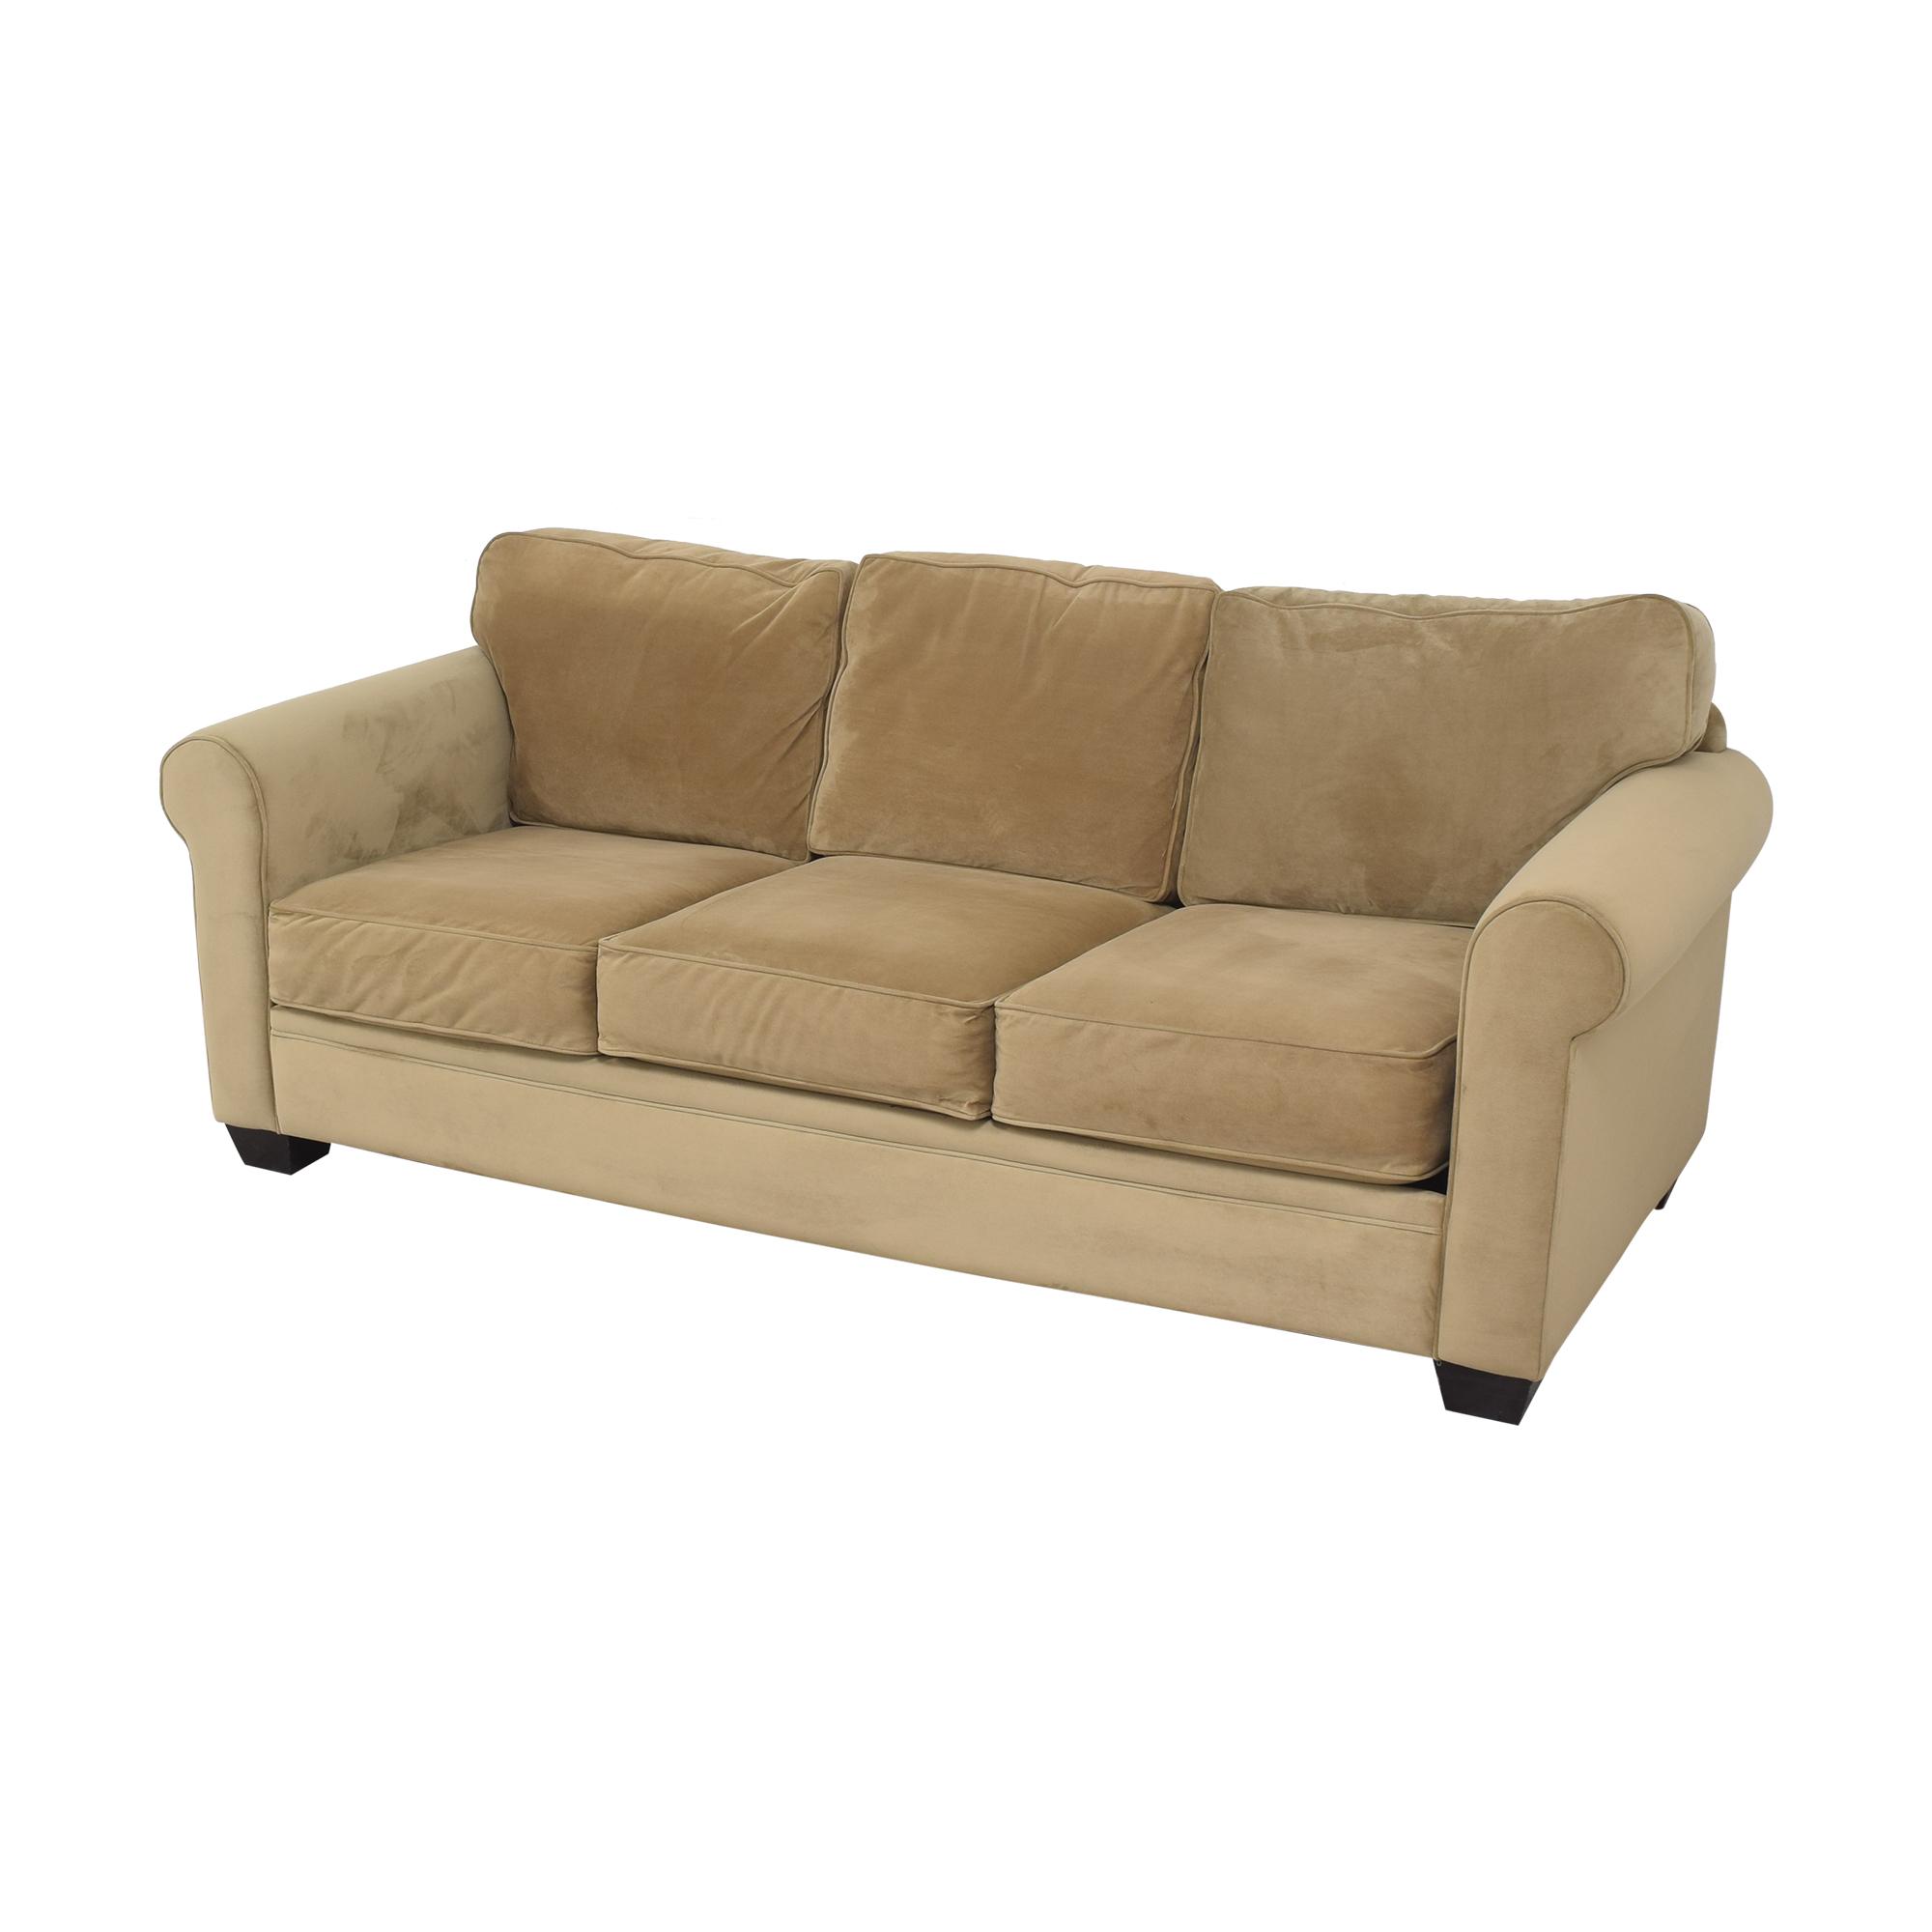 Macy's Macy's Roll Arm Sofa Sofas